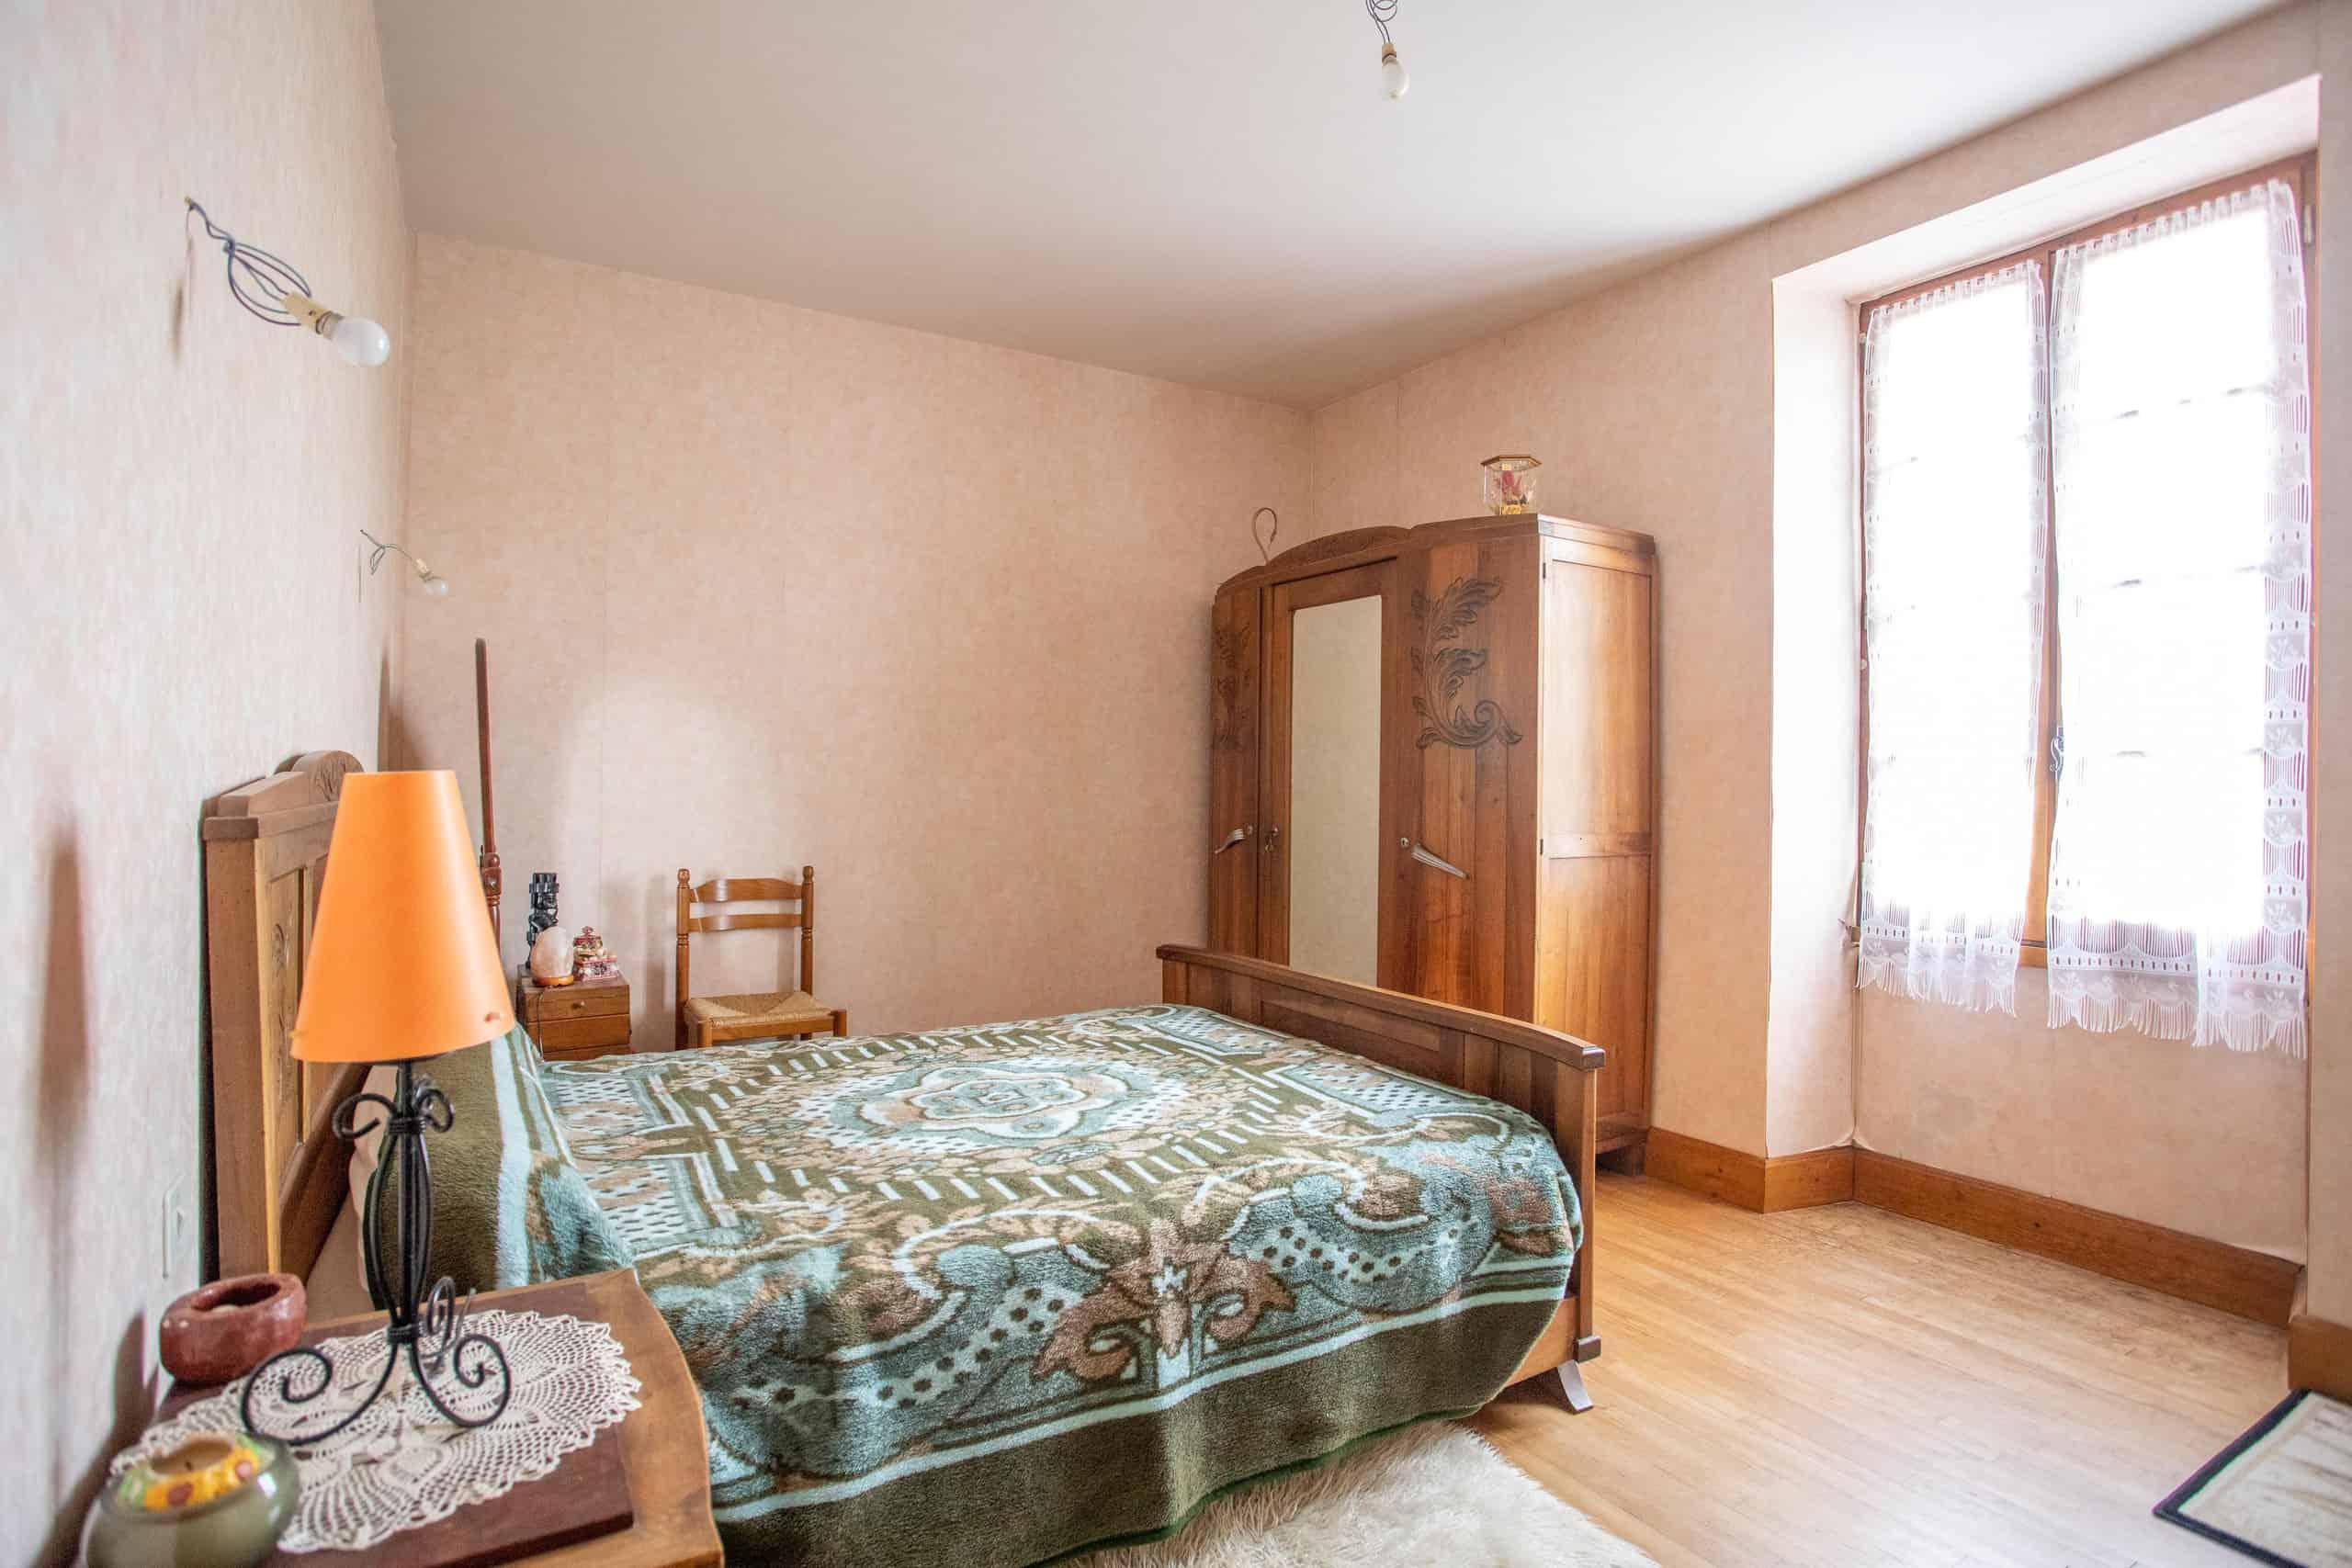 Bedroom-WMC074